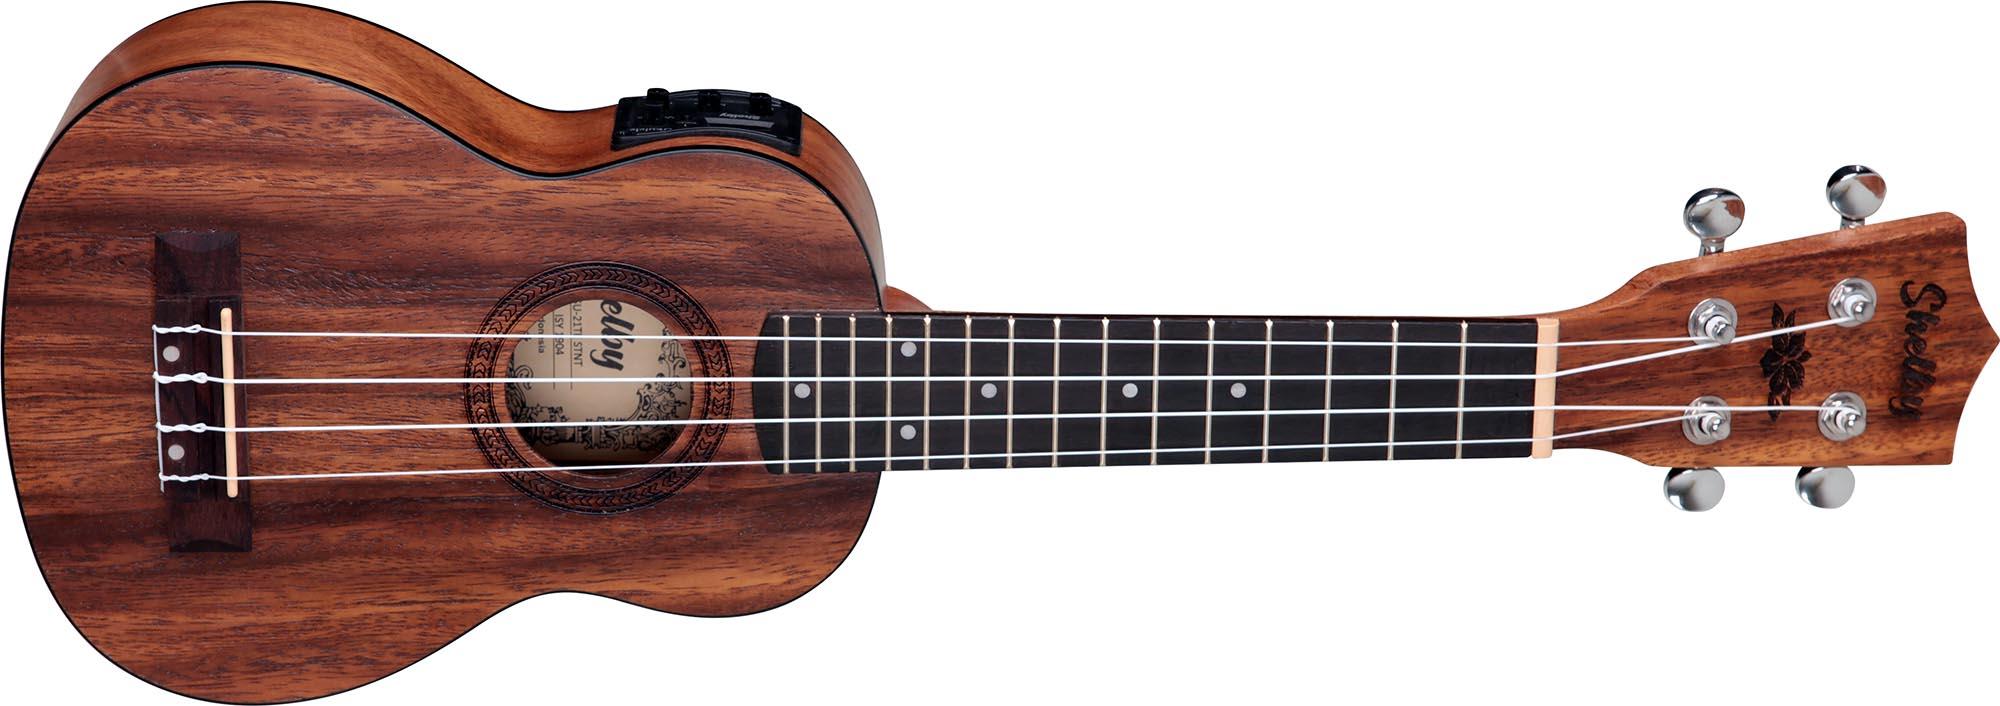 su21te ukulele soprano eletroacustico shelby su21te stnt teca acetinado visao frontal